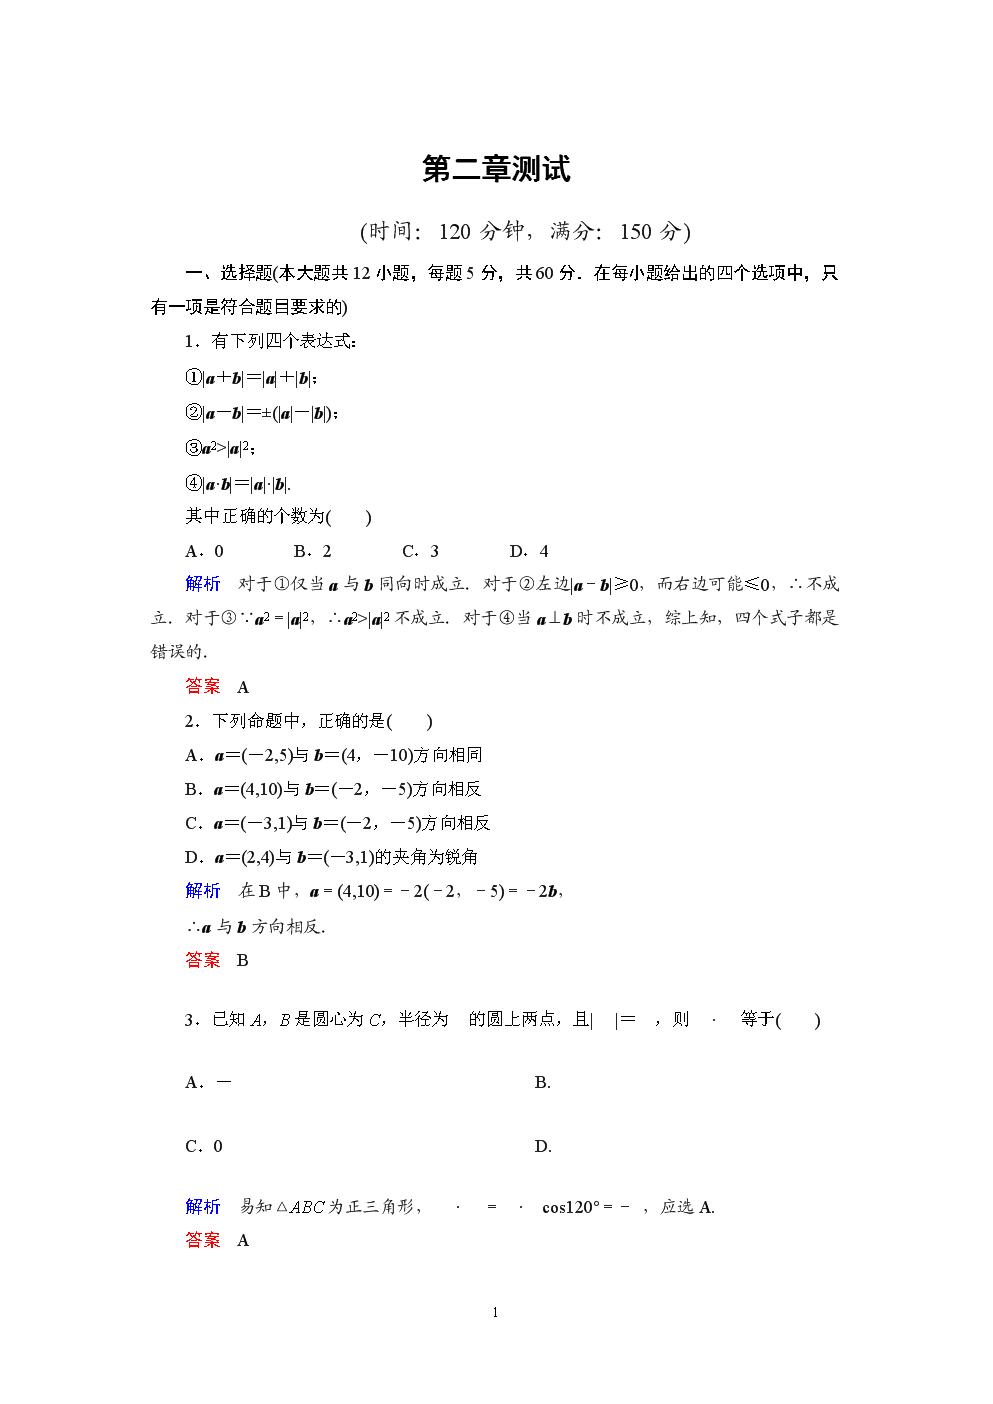 高中数学(人教A版)必修4第2章 平面向量 测试题(含详解).doc